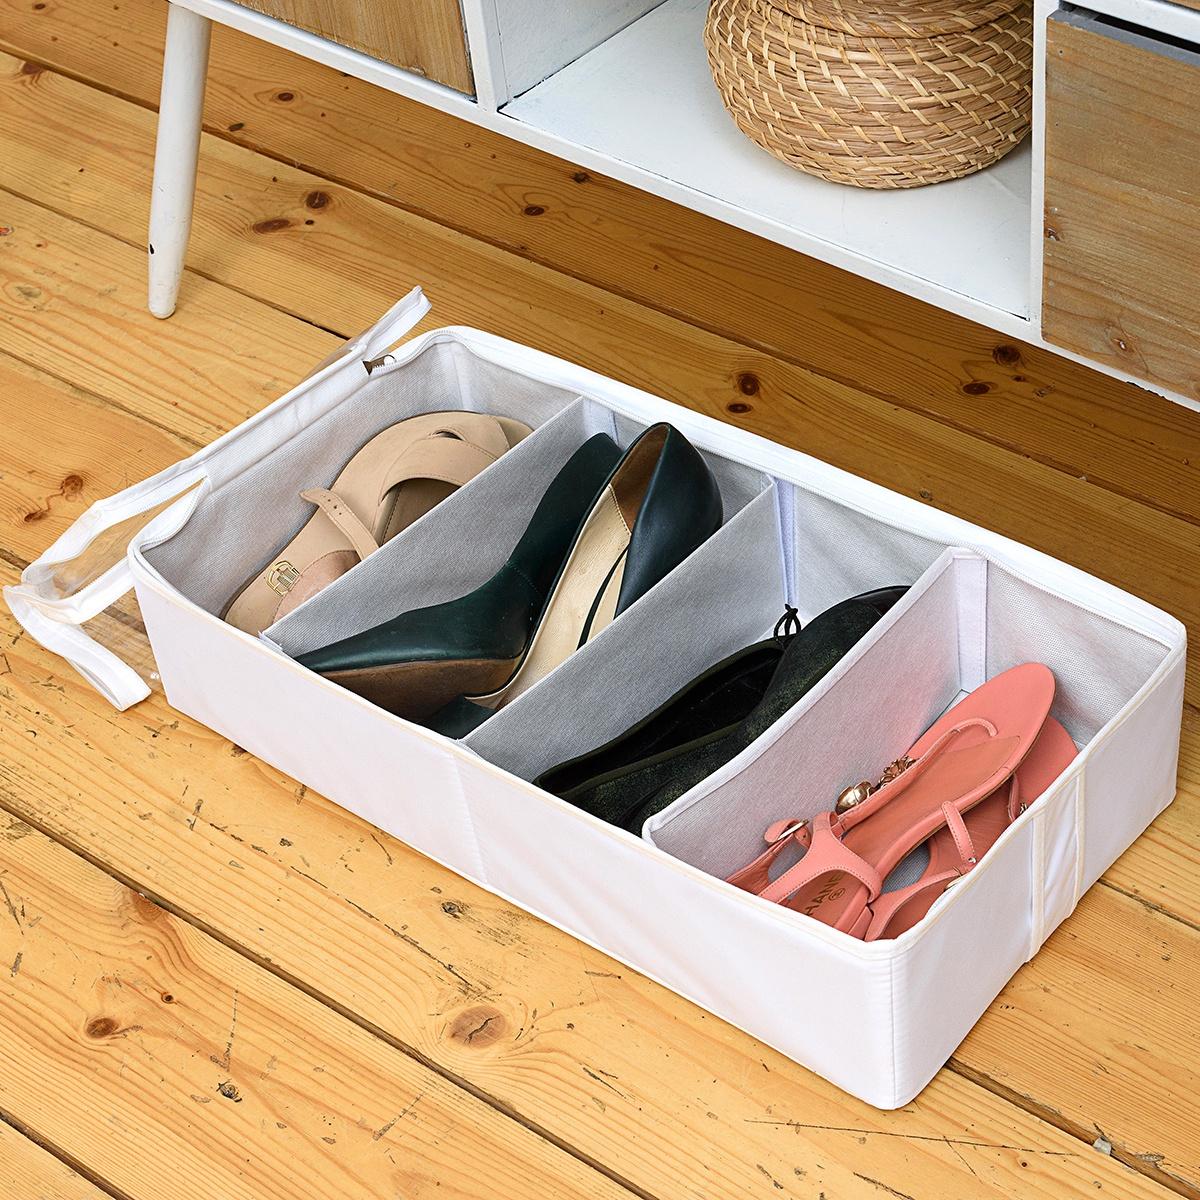 Органайзер для вещей Homsu HOM-1098, белый senma senma холст обувь мода тренд педаль ленивый обувь студент плоский корейской пары пару обуви 2122195 светло серый 40 ярдов